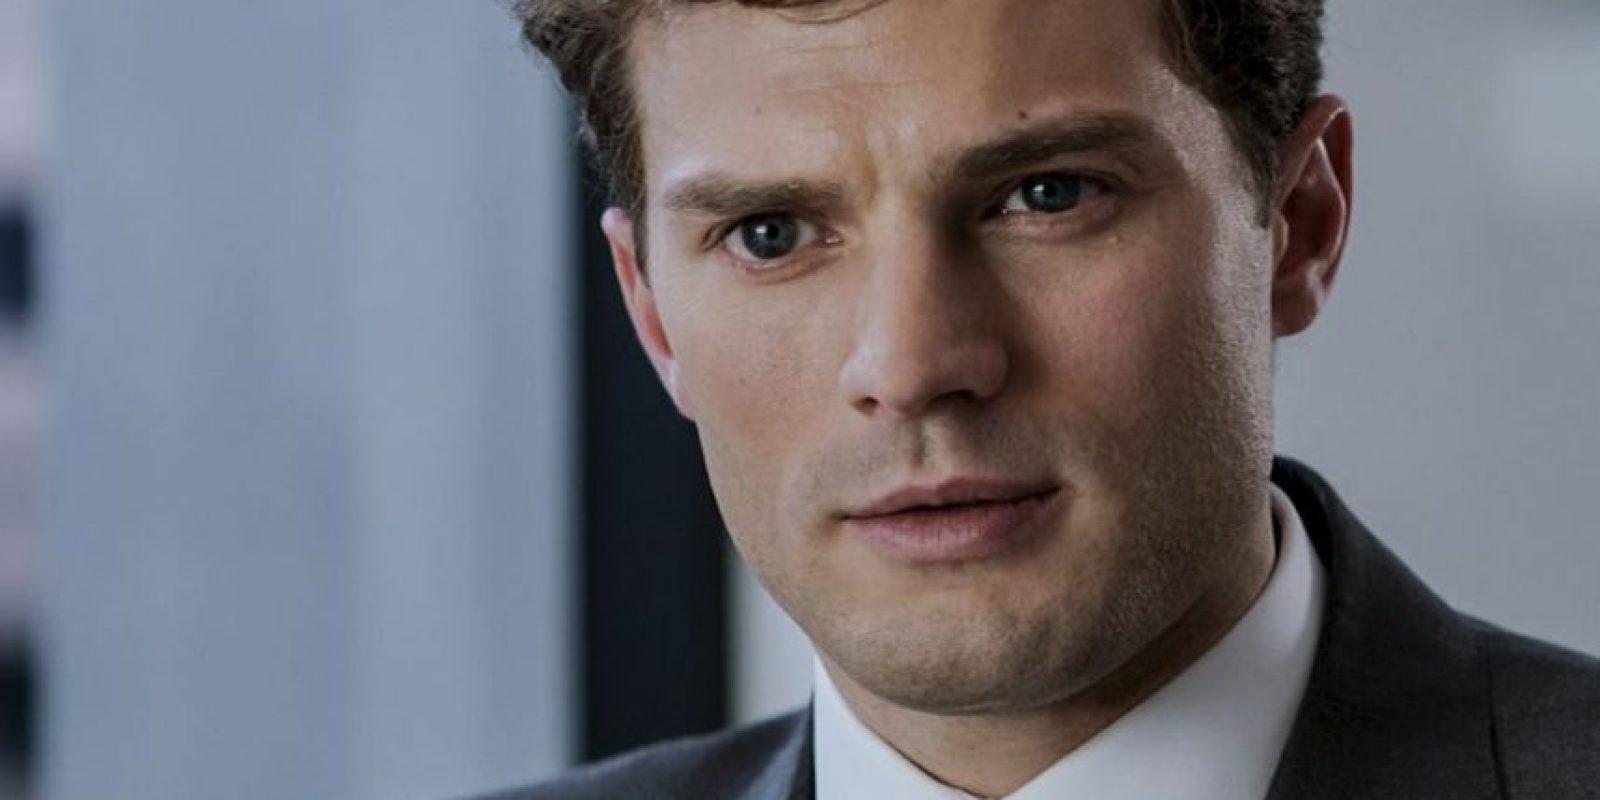 """Parece ser que Universal le ha ofrecido al actor un millón y medio de dólares por un desnudo frontal para la secuela """"50 sombras más oscuras"""". Foto:Vía facebook.com/fiftyshadesofgrey"""